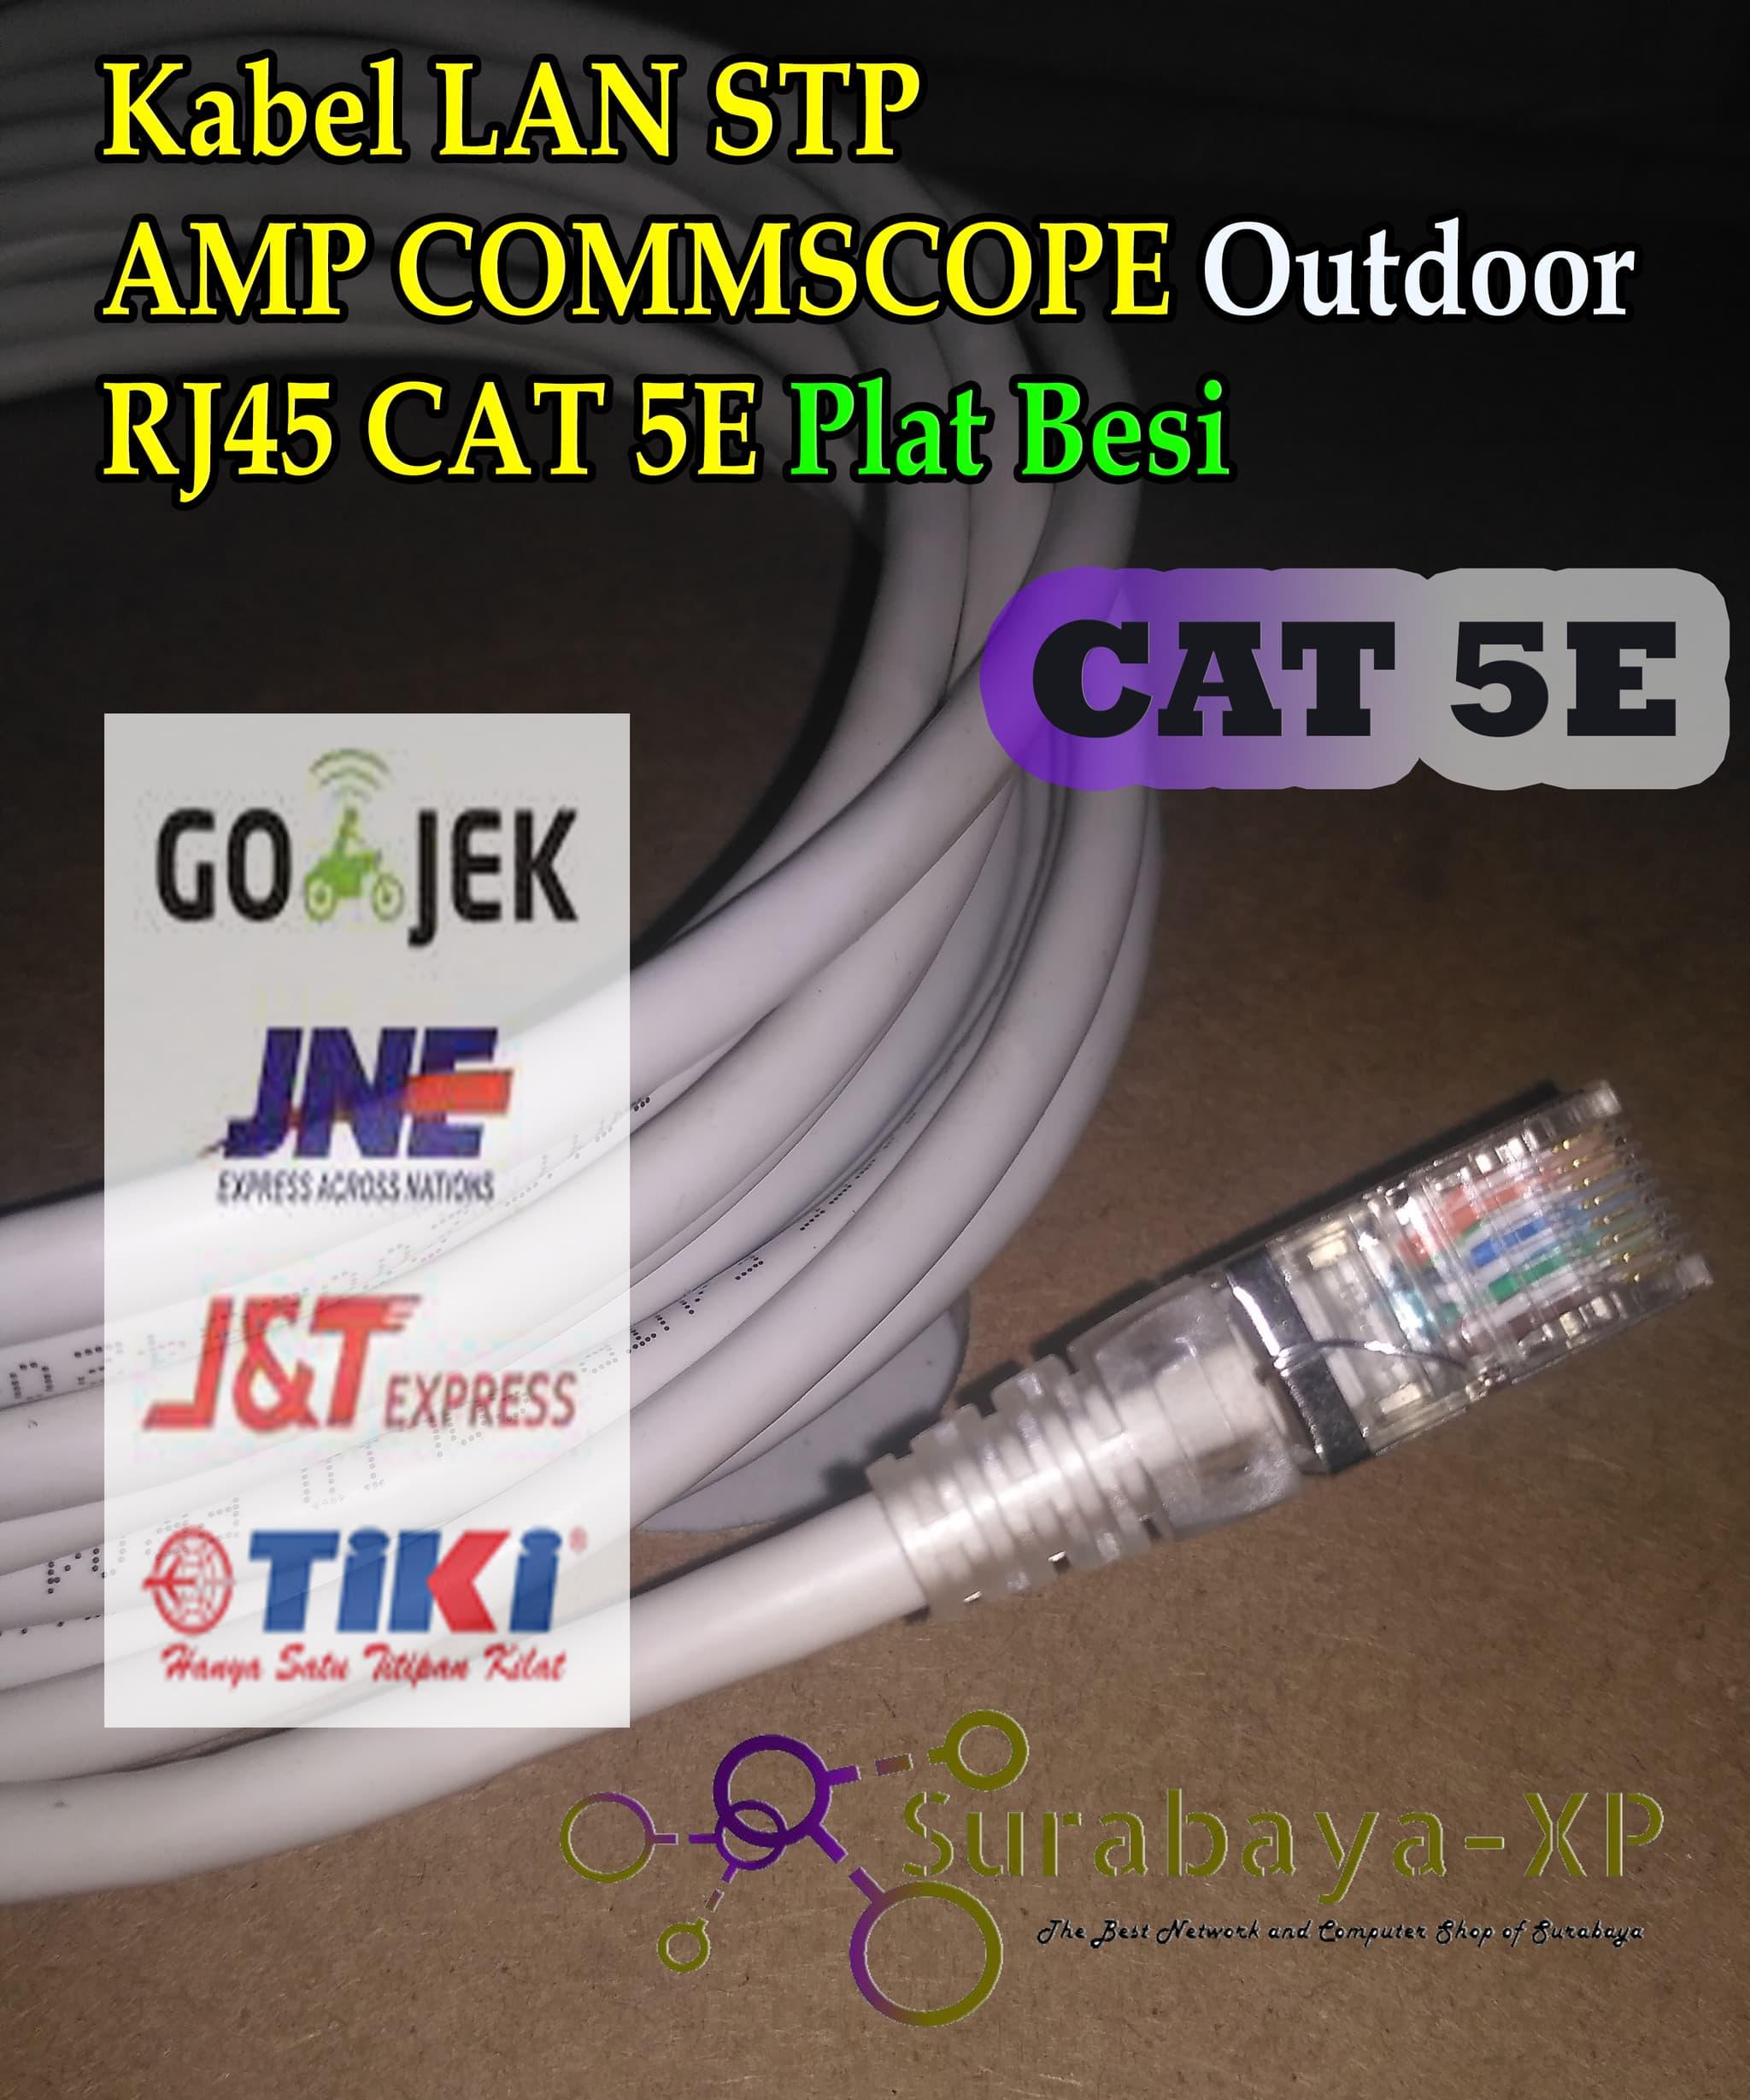 Jual Kabel Lan Utp Stp Amp Commscope 20m 20meter 20 M Meter Cat6 Outdoor Surabaya